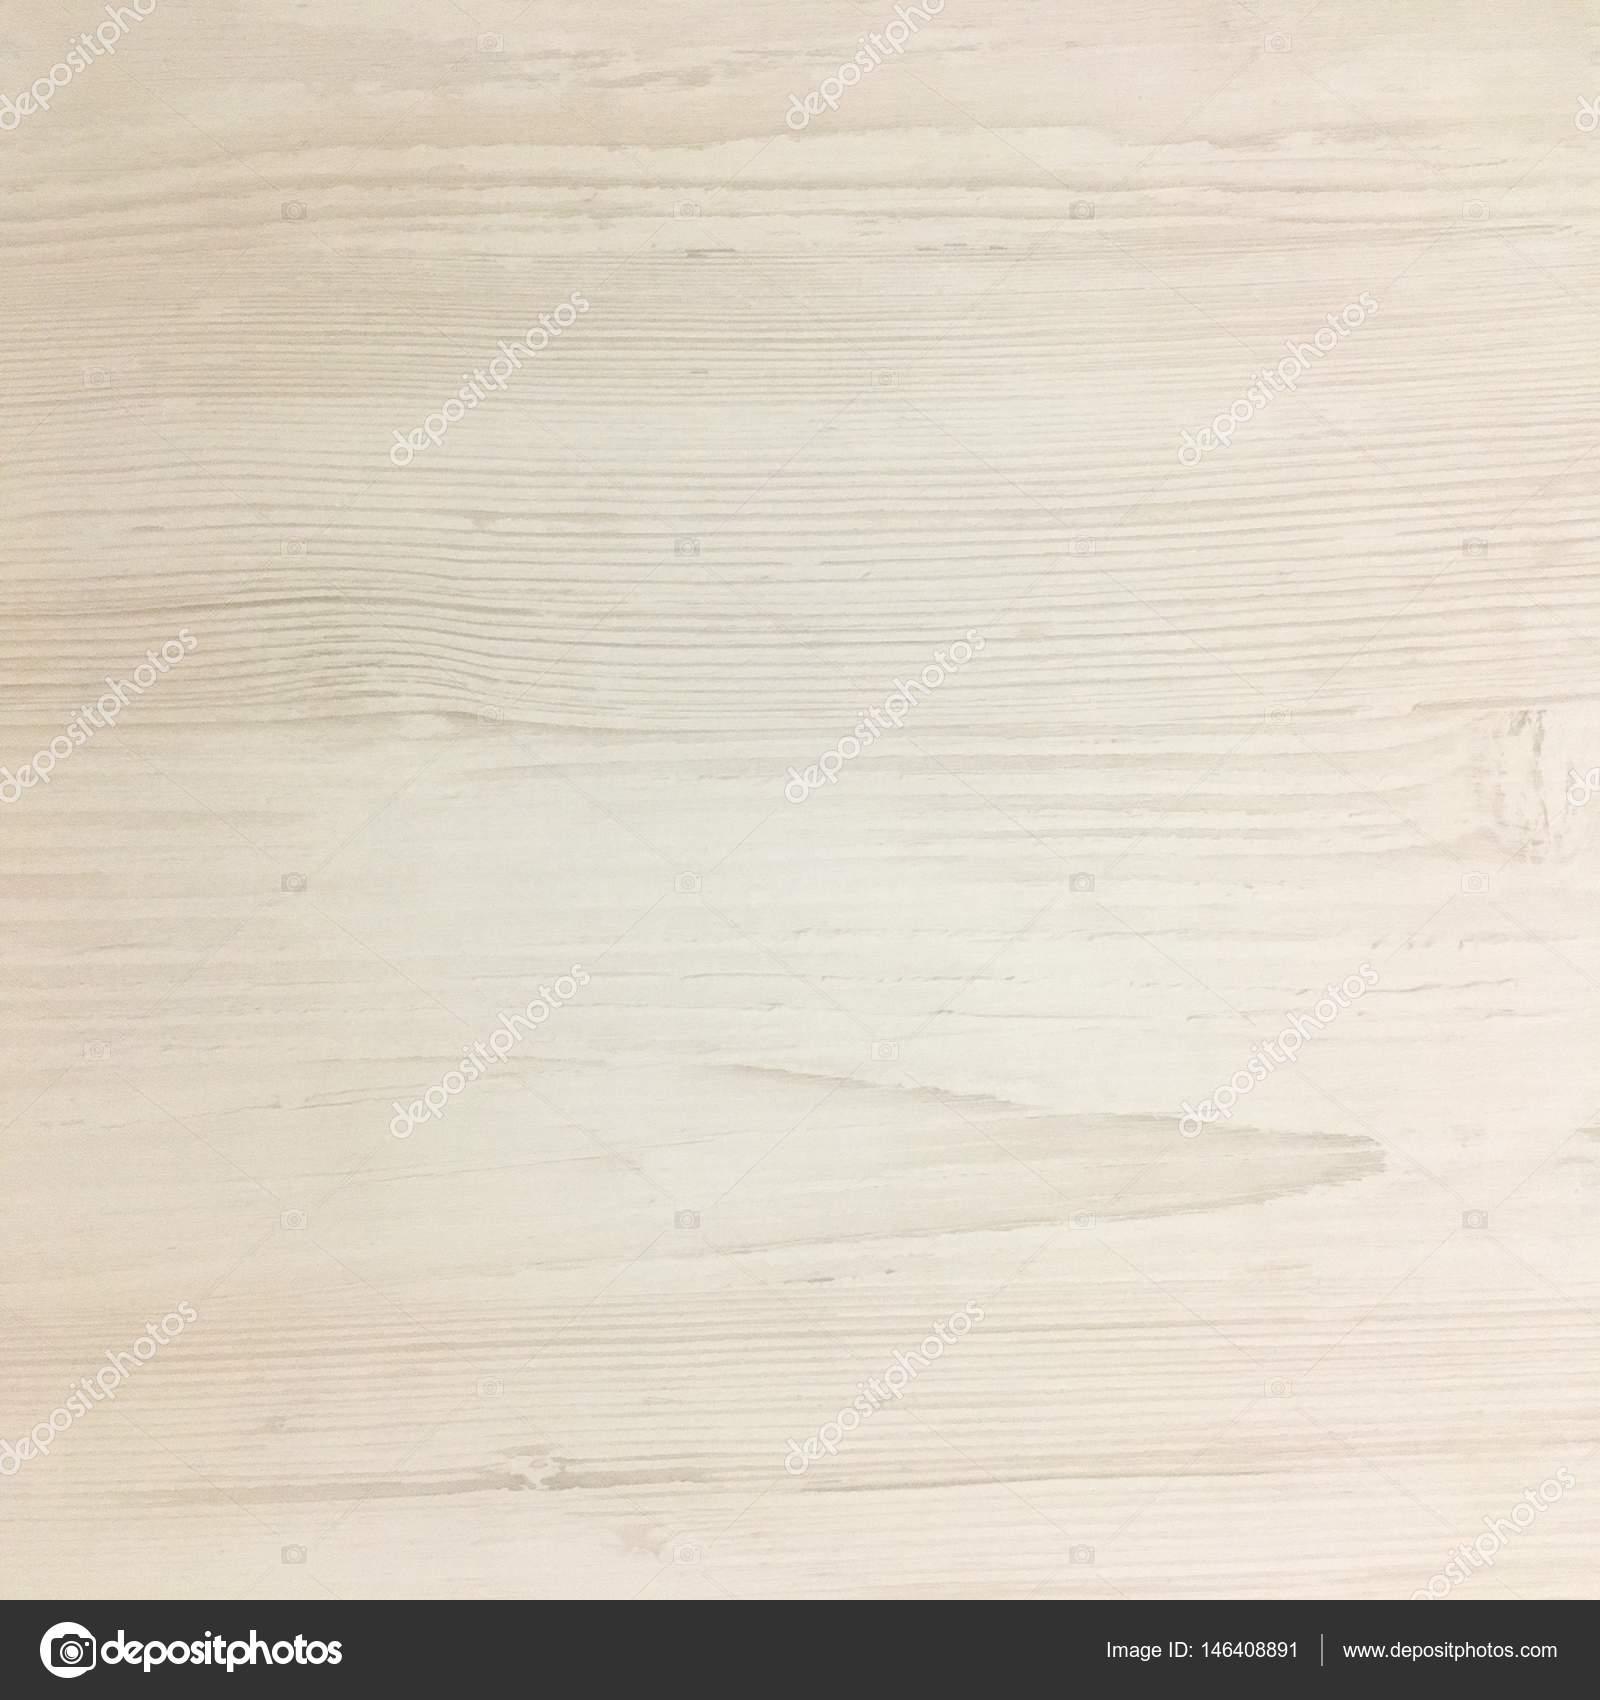 Altes Holz Weiße Holz Textur Hellen Holz Hintergrund Stockfoto